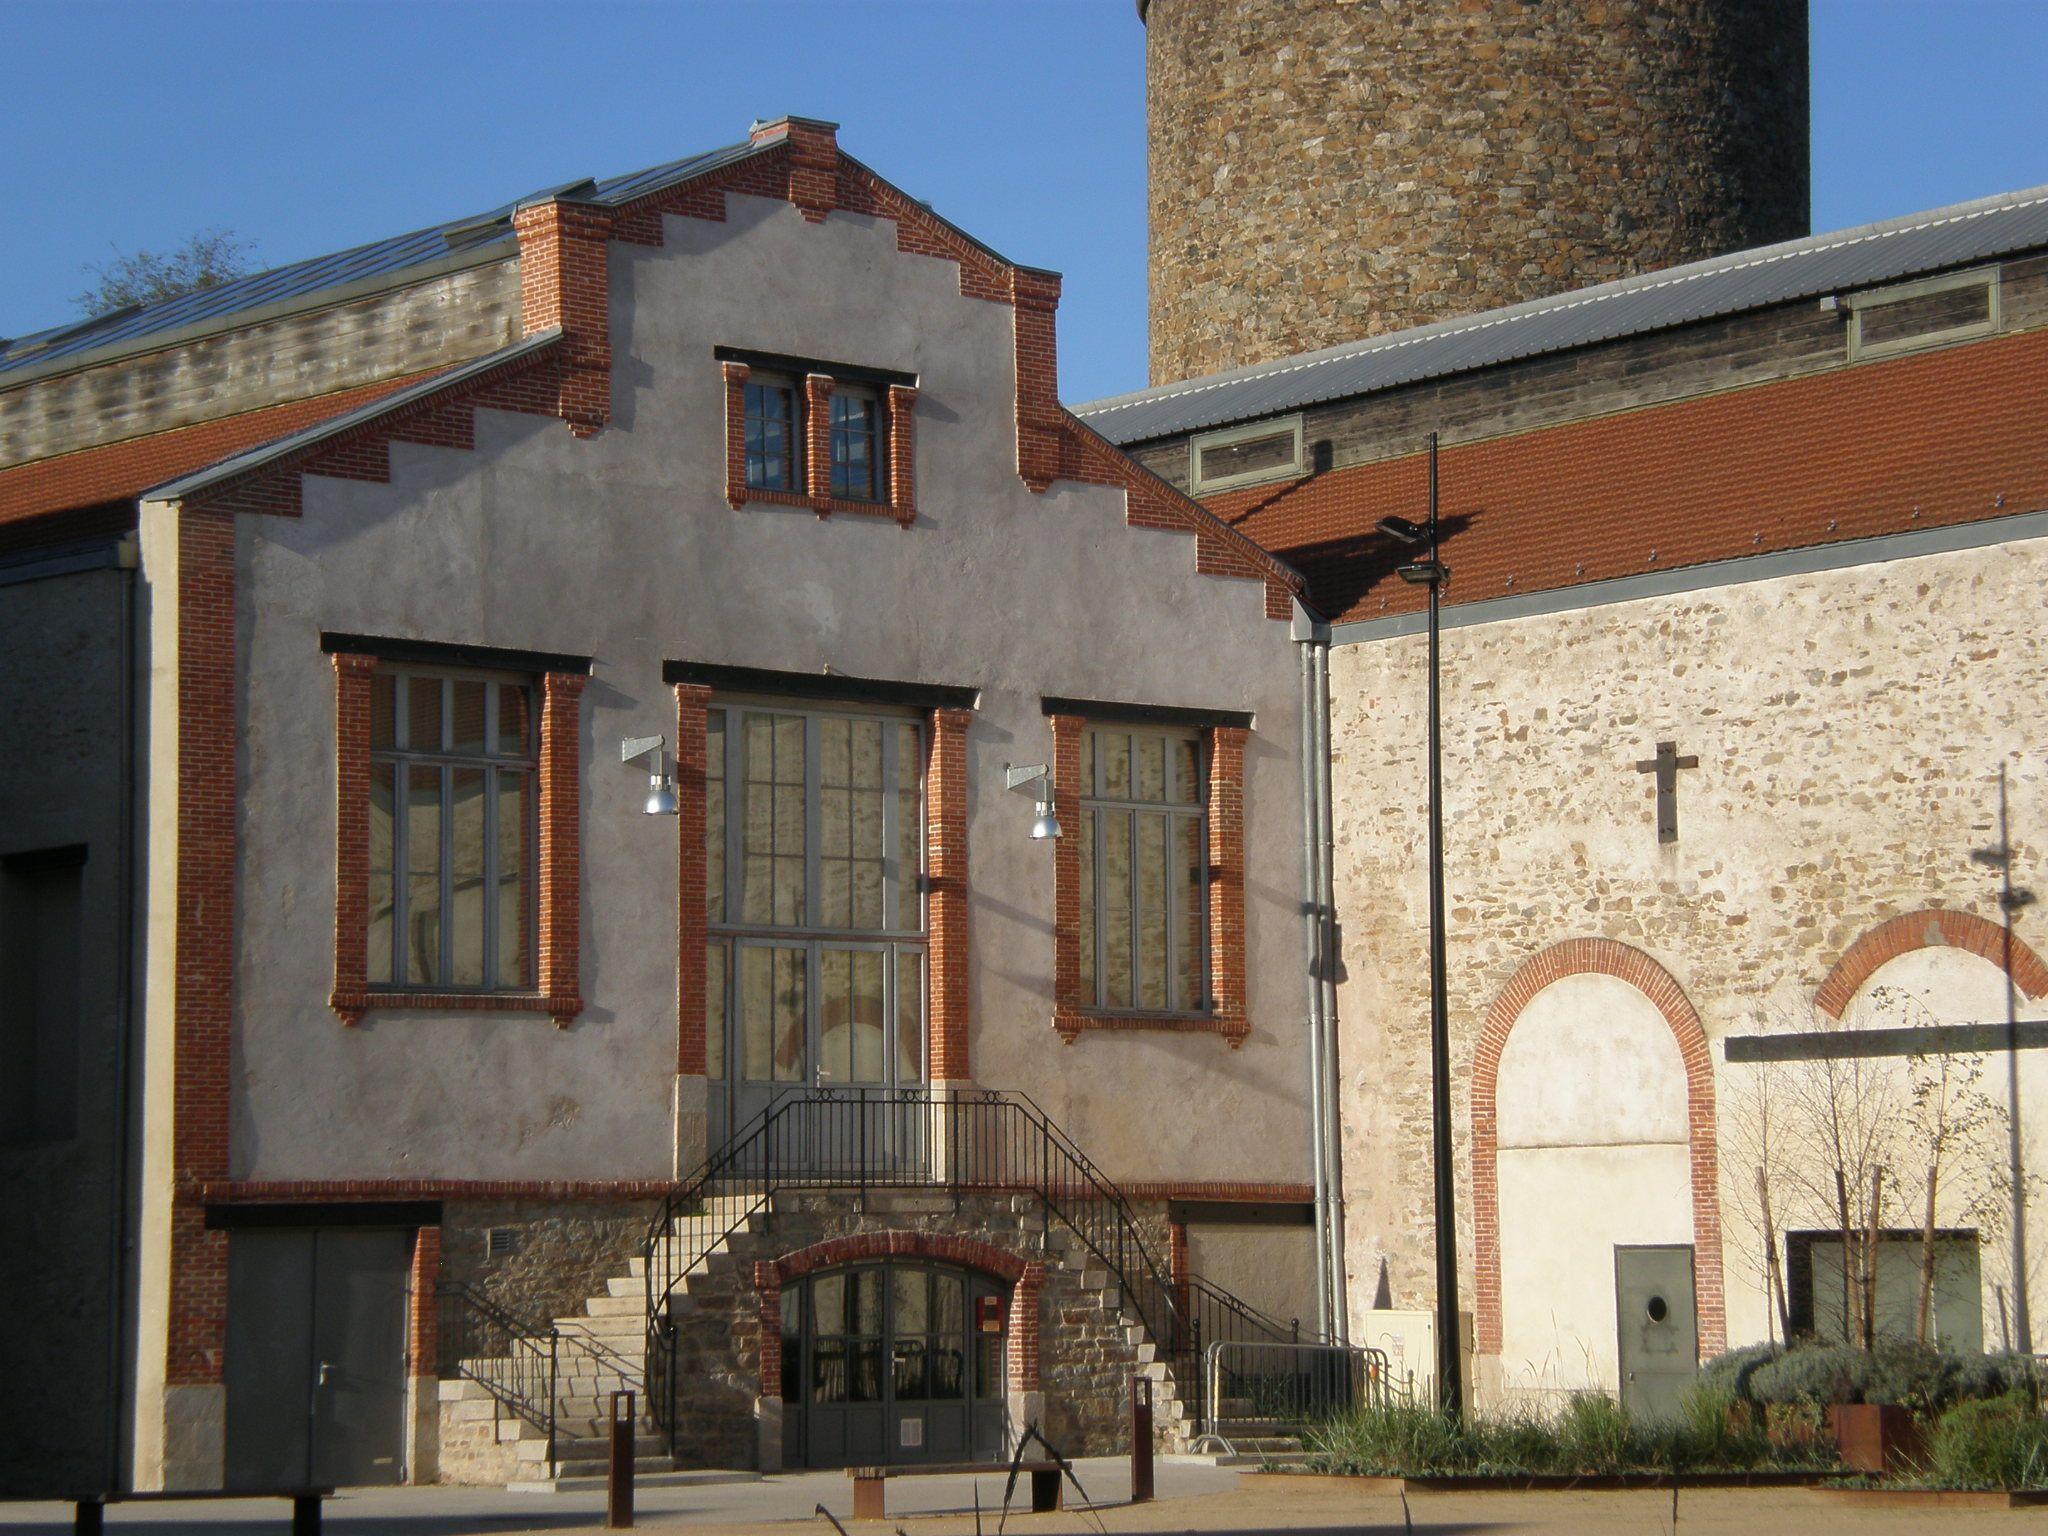 Ancien Site Industriel Avec Images Maison Loire Nantes